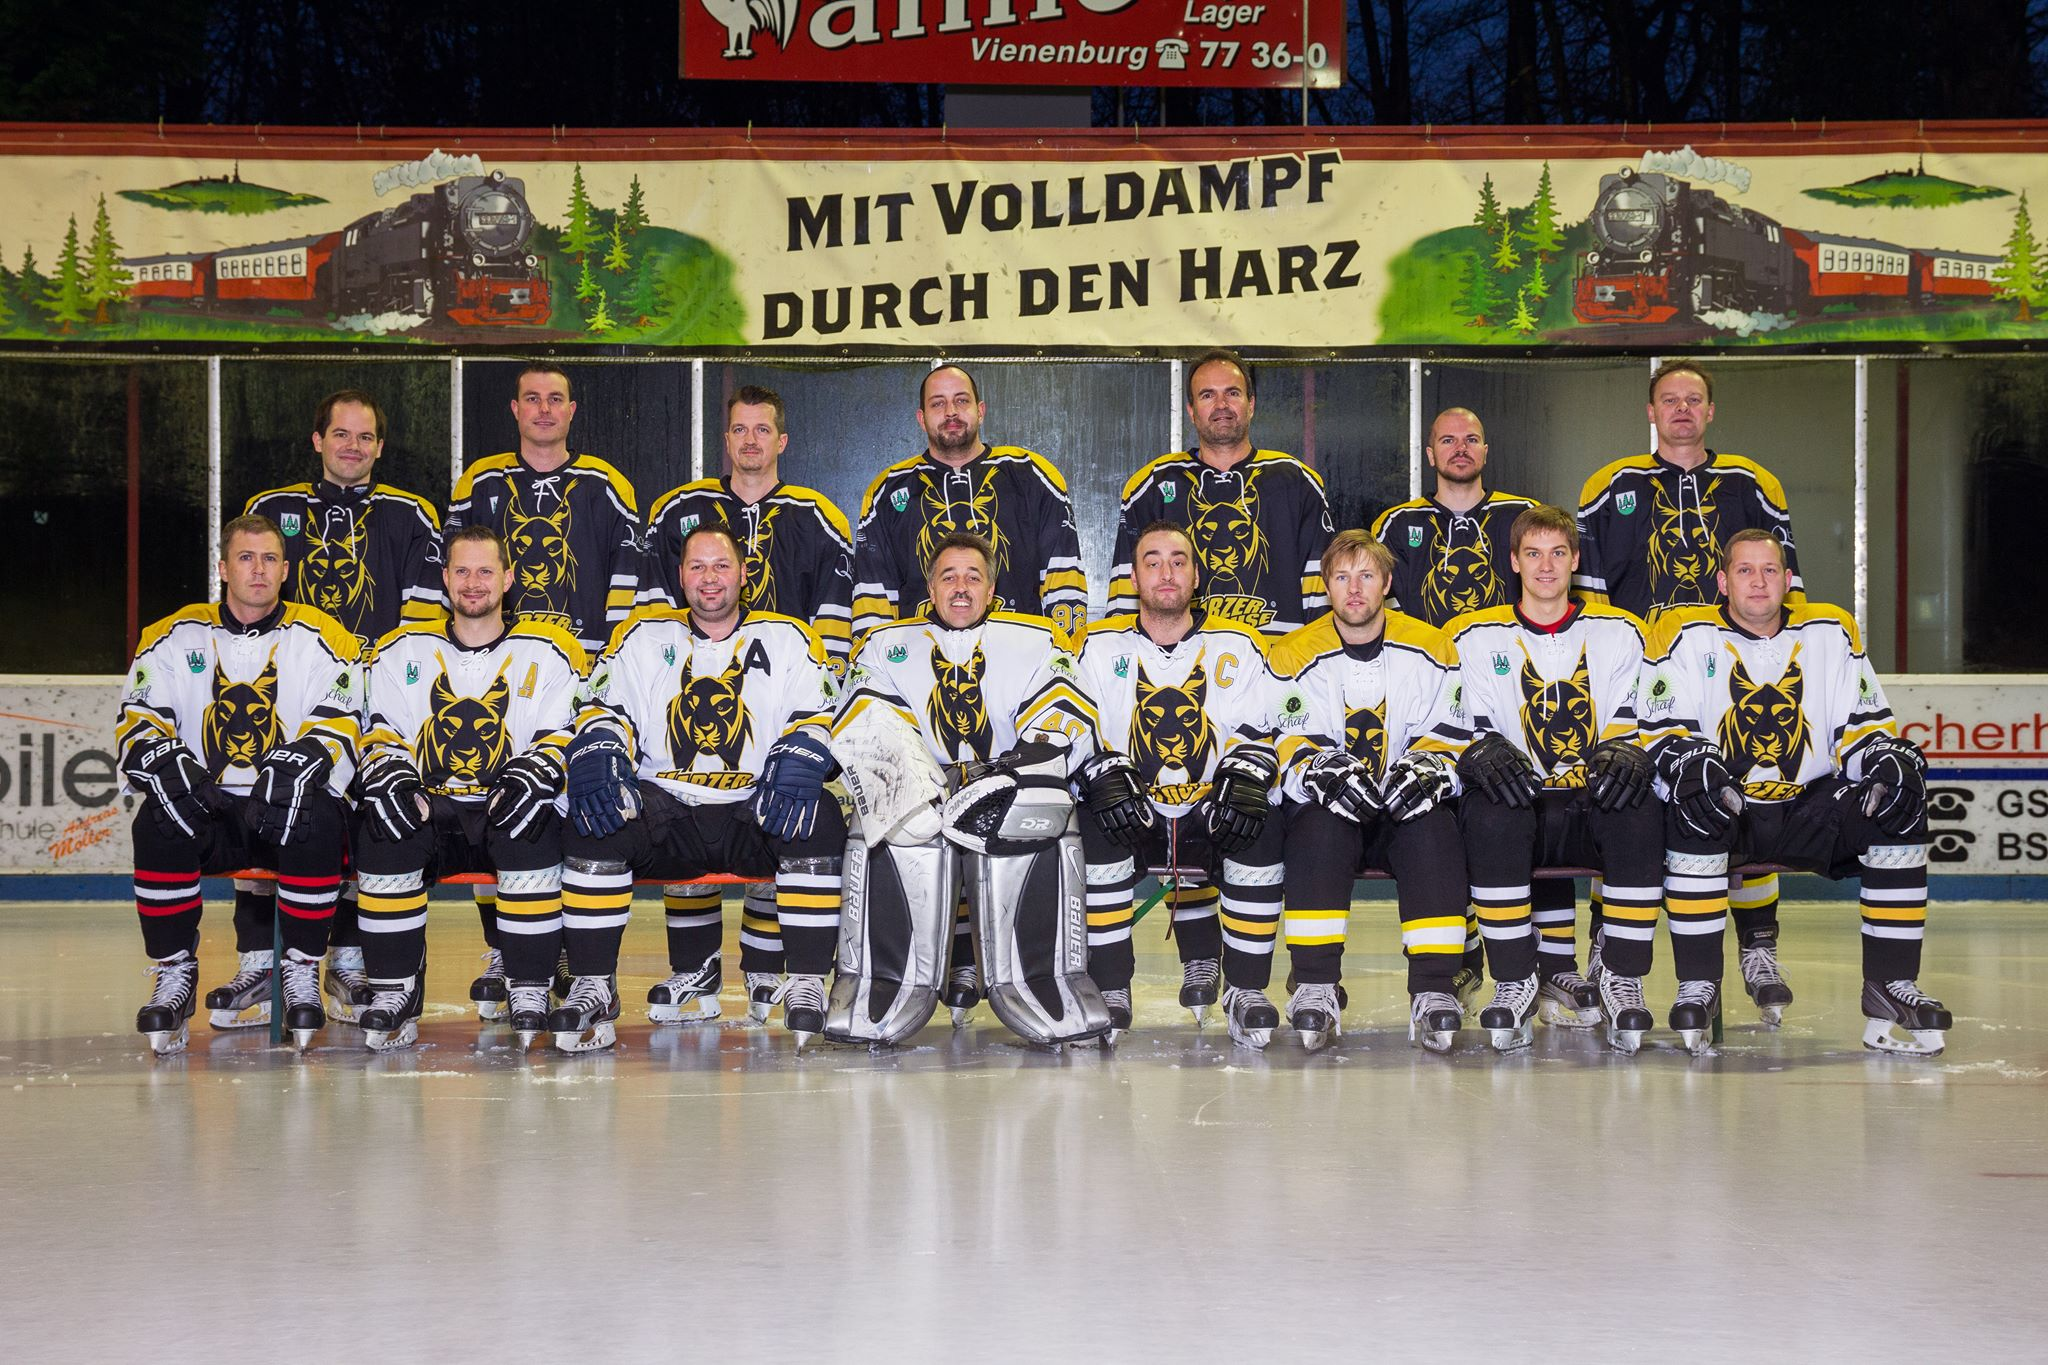 Harzer Luchse im Eisstadion Braunlage 2014